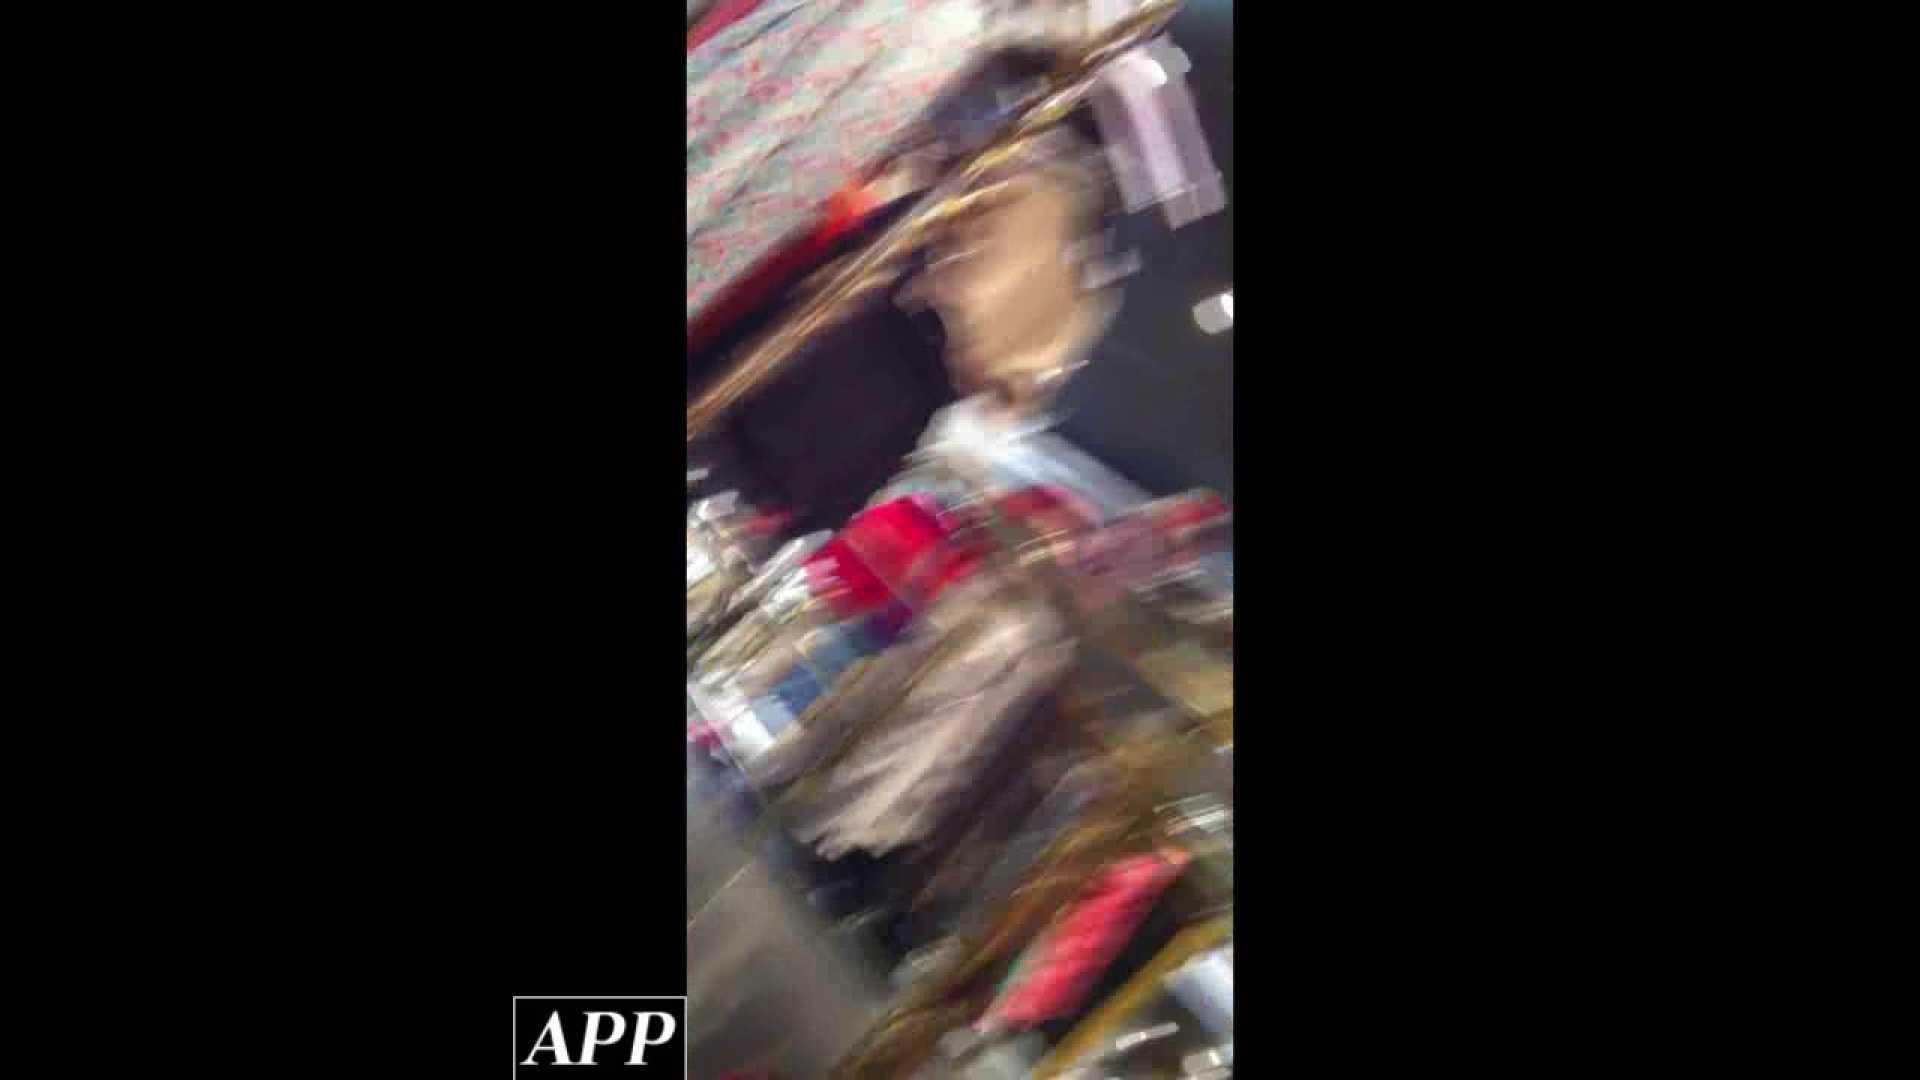 ハイビジョン盗撮!ショップ店員千人斬り!胸チラ編 vol.91 盗撮 性交動画流出 57枚 3